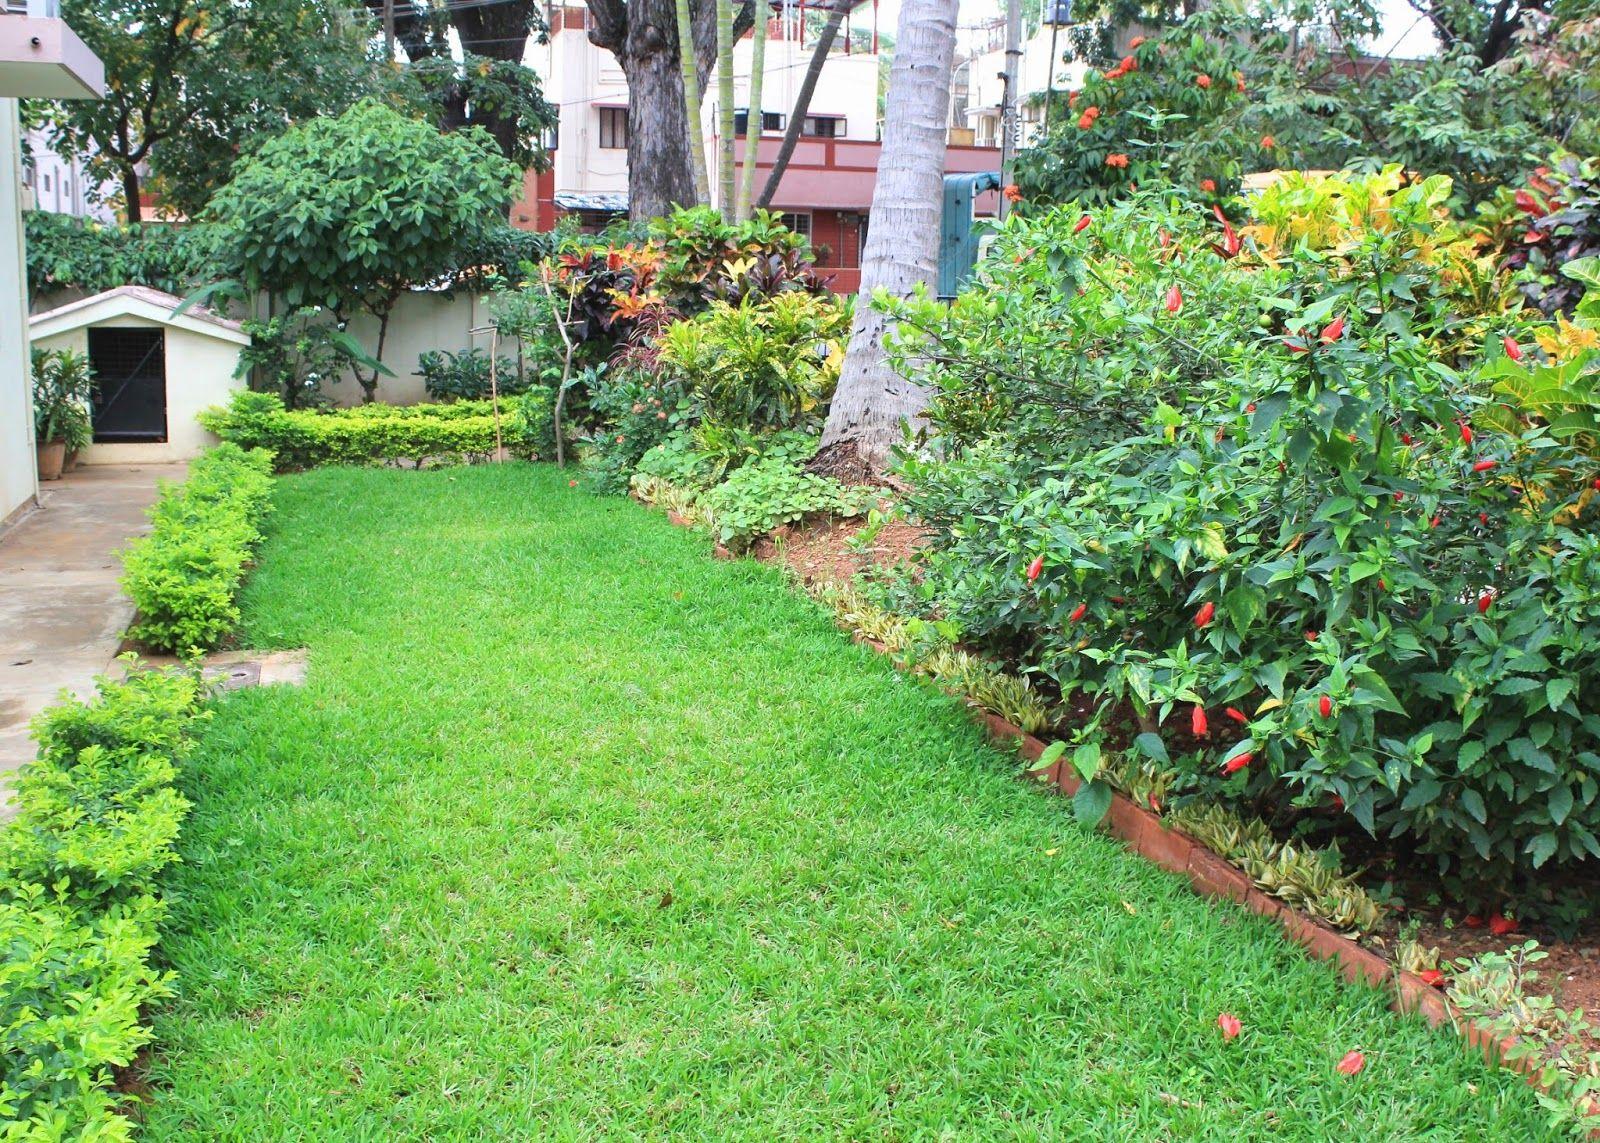 Red House Garden An Indian Garden Garden planning